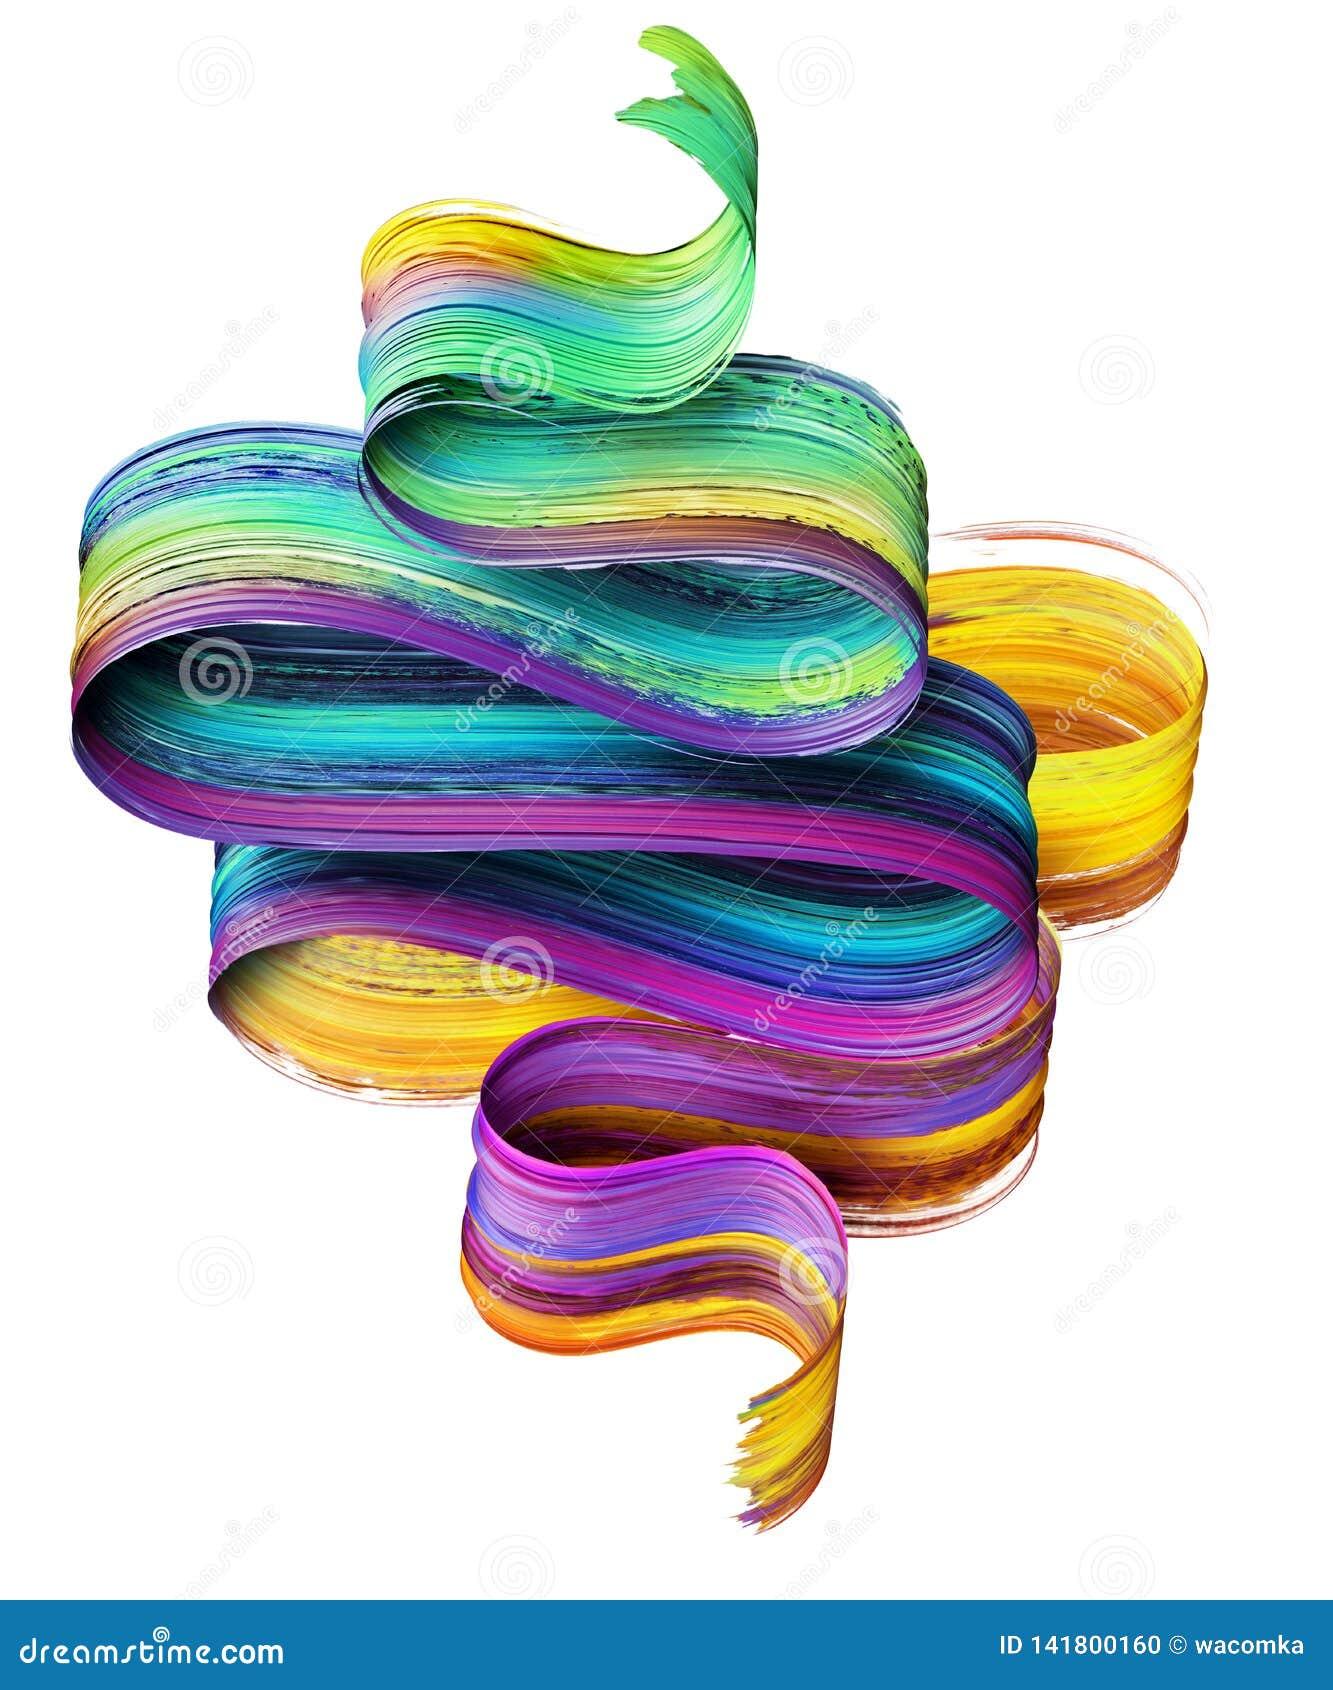 3d rendent, course abstraite de brosse, calomnie au néon, ruban plié coloré, texture de peinture, clipart (images graphiques) art